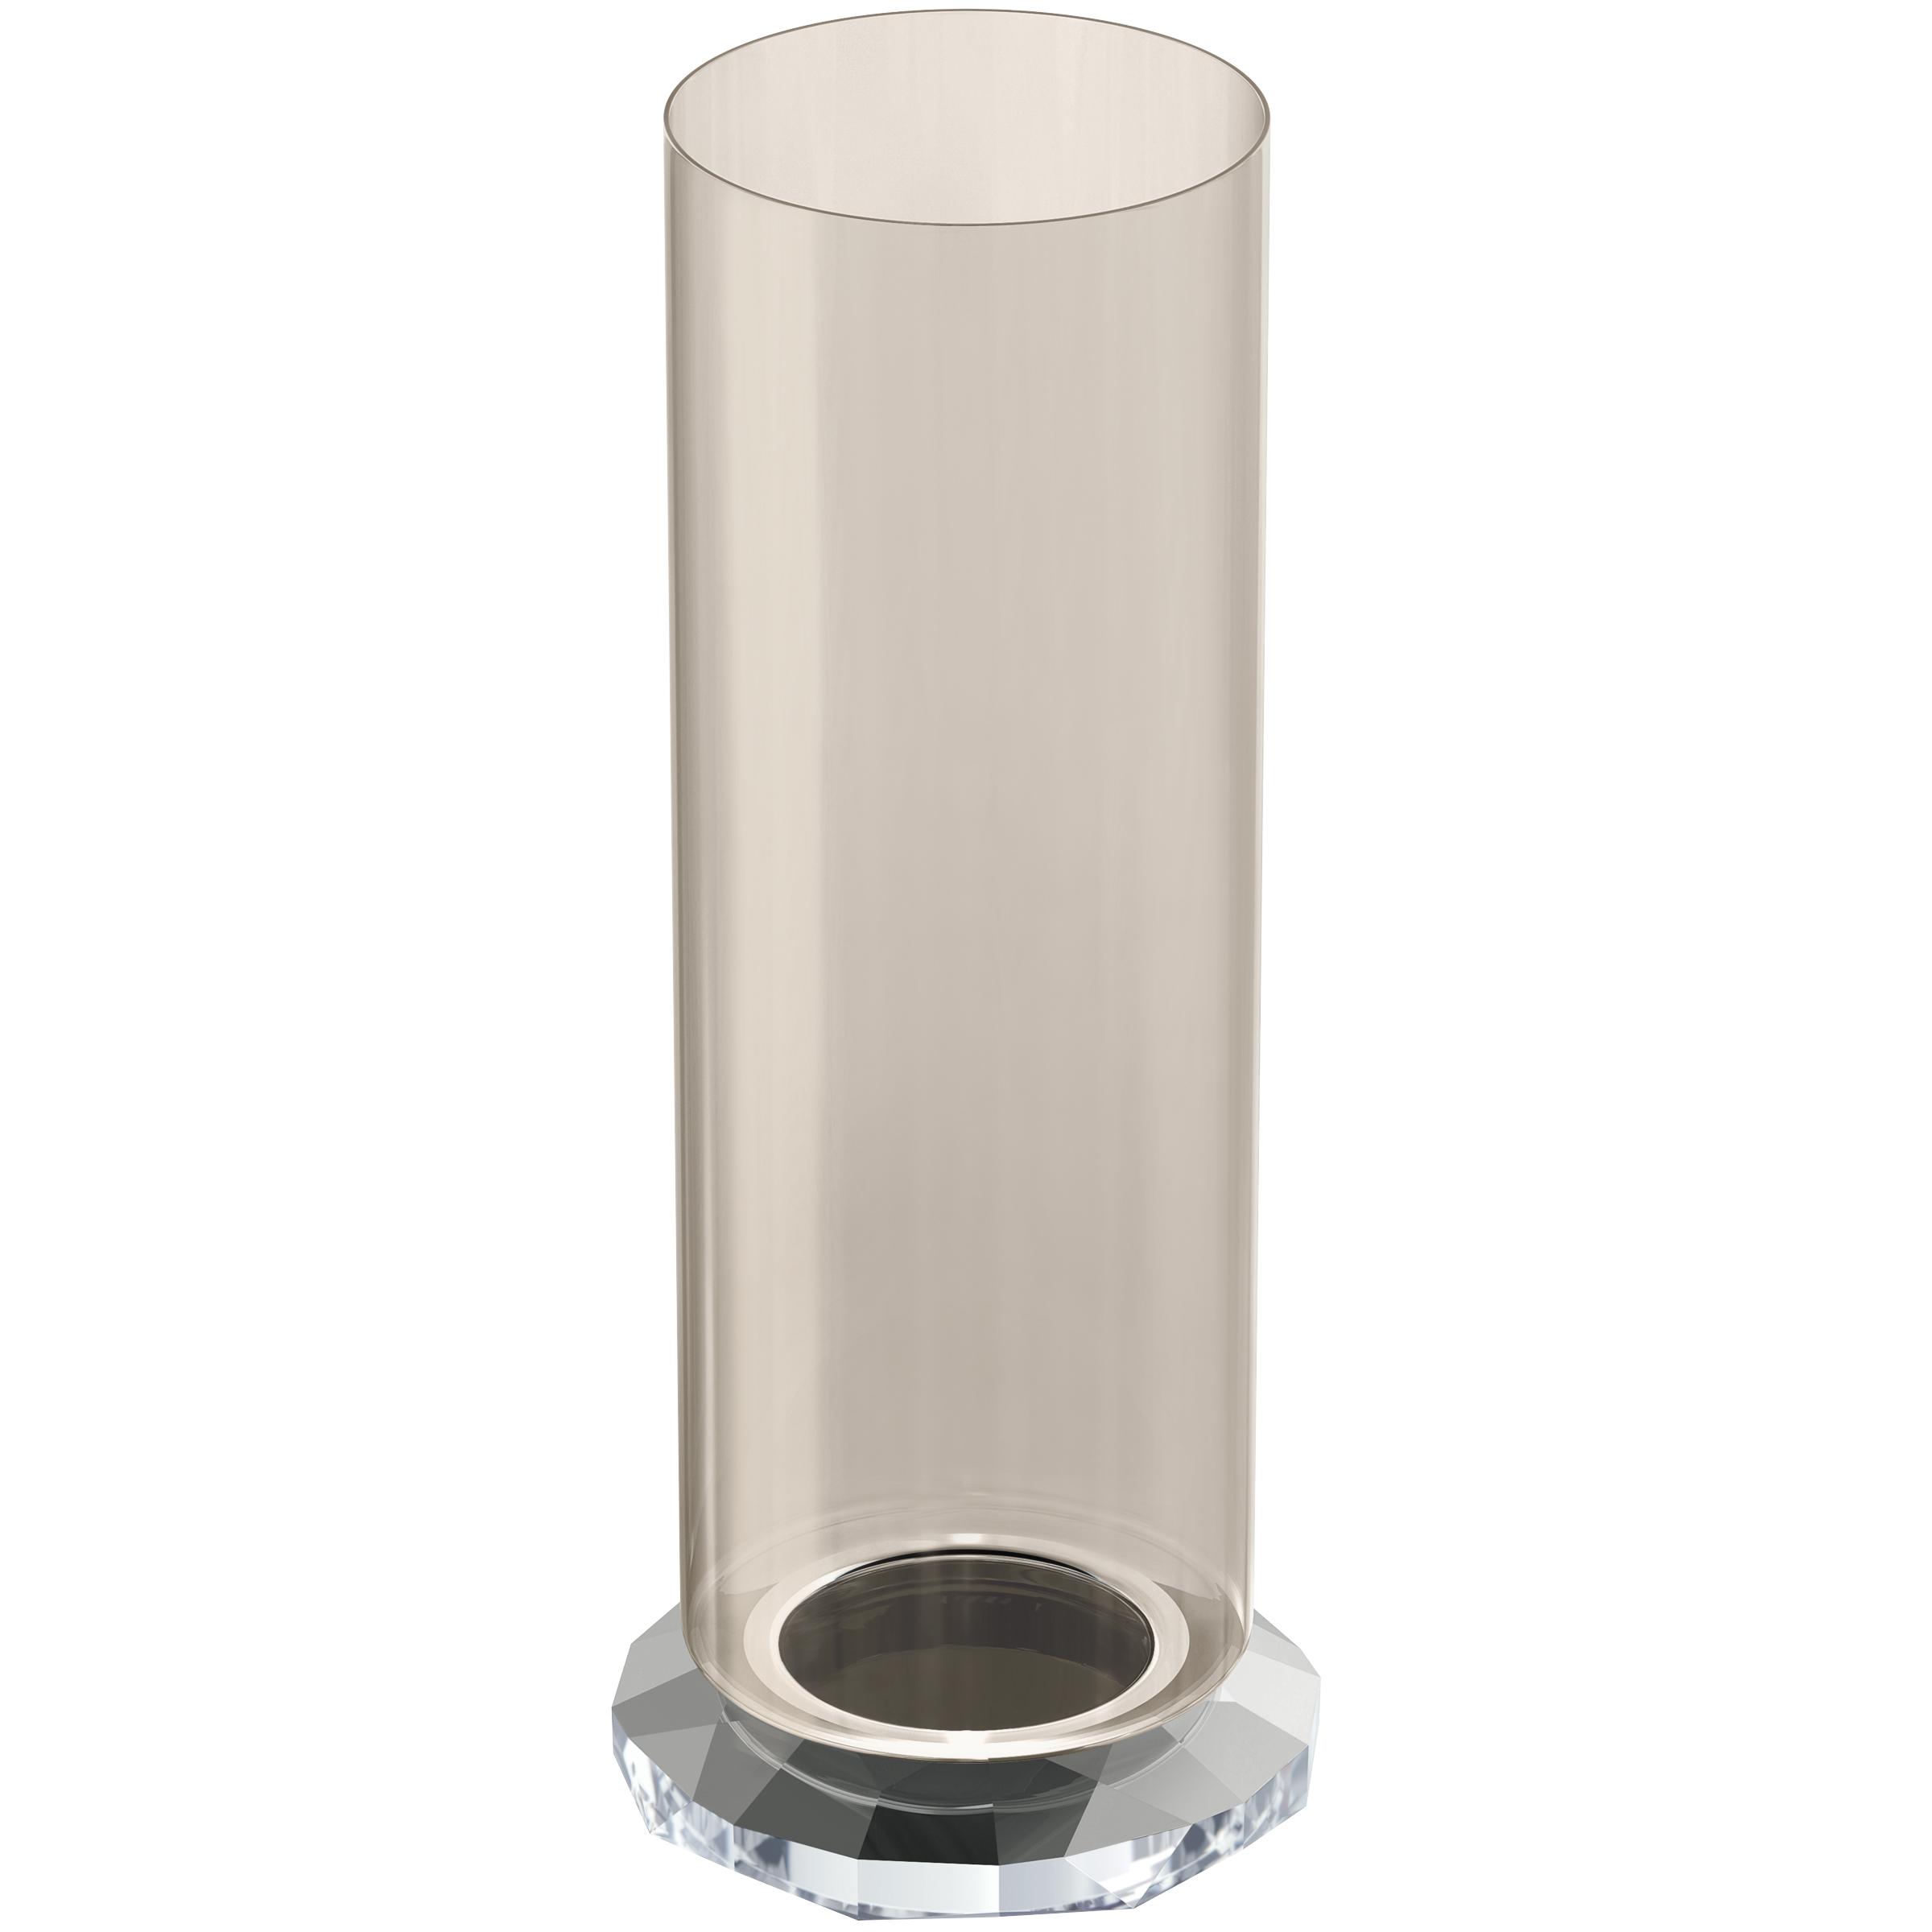 Swarovski Allure Silver Vase   5235857